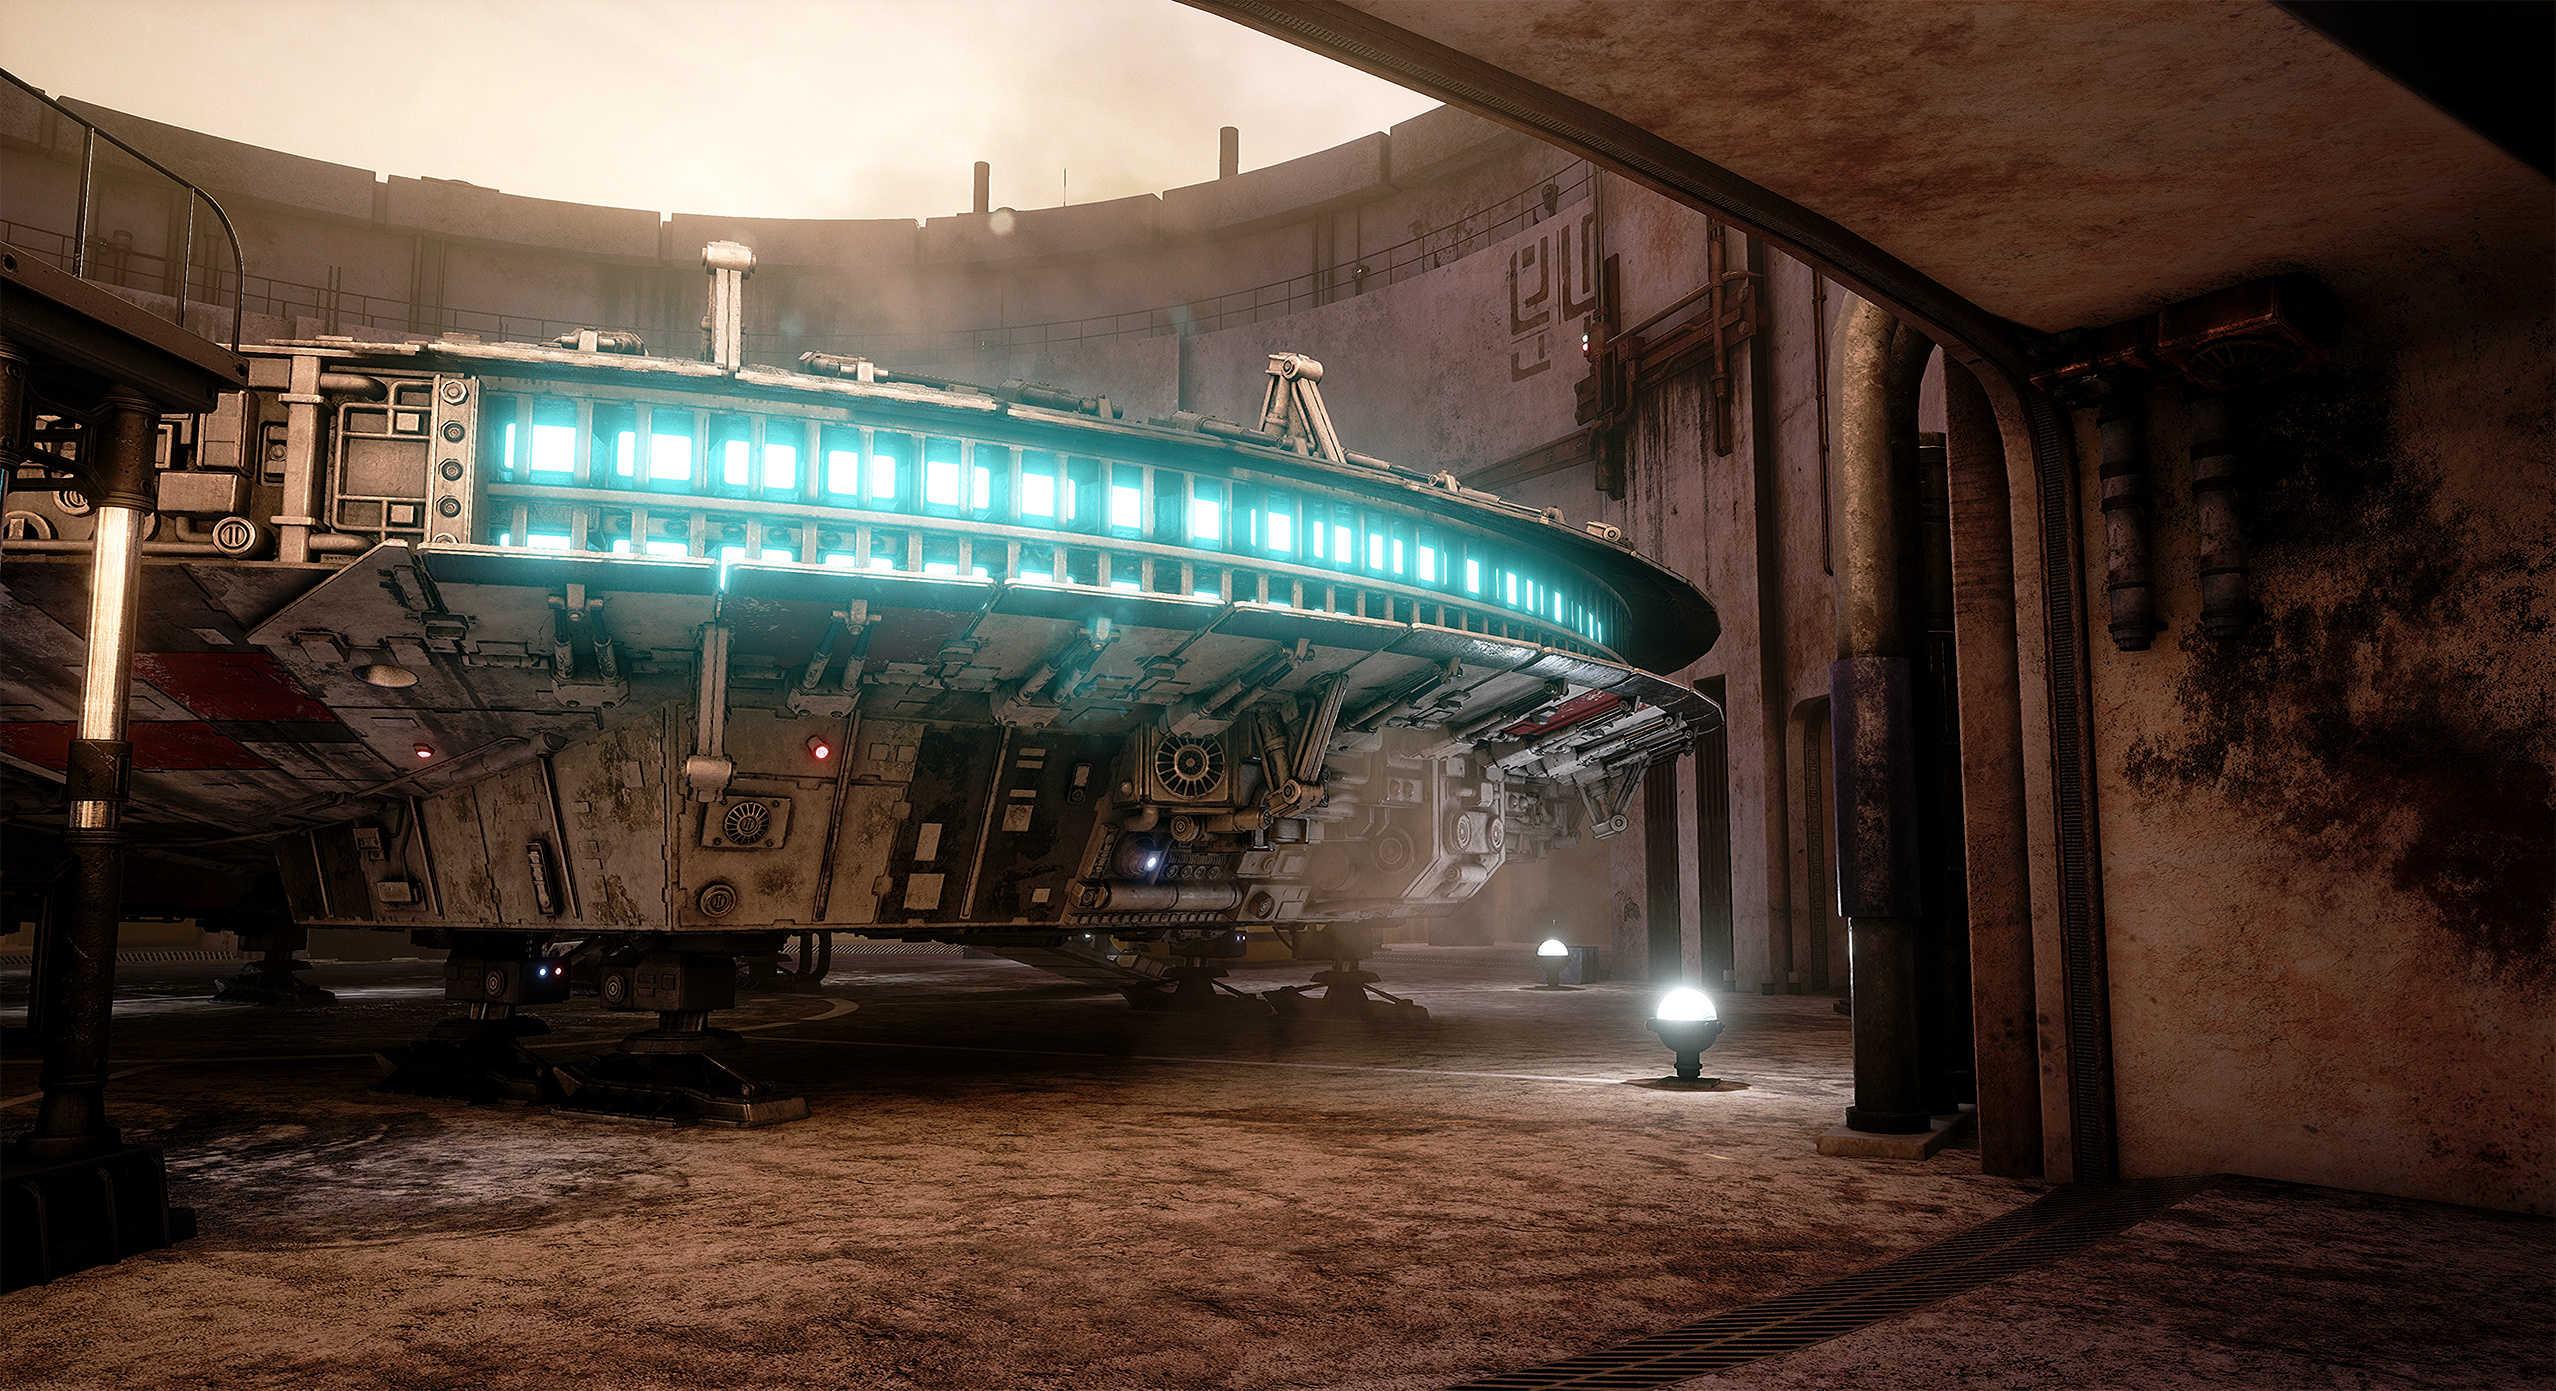 Vývojáři z Obsidianu vytvořili překrásnou Star Wars scenérii v enginu Unreal 4 130539